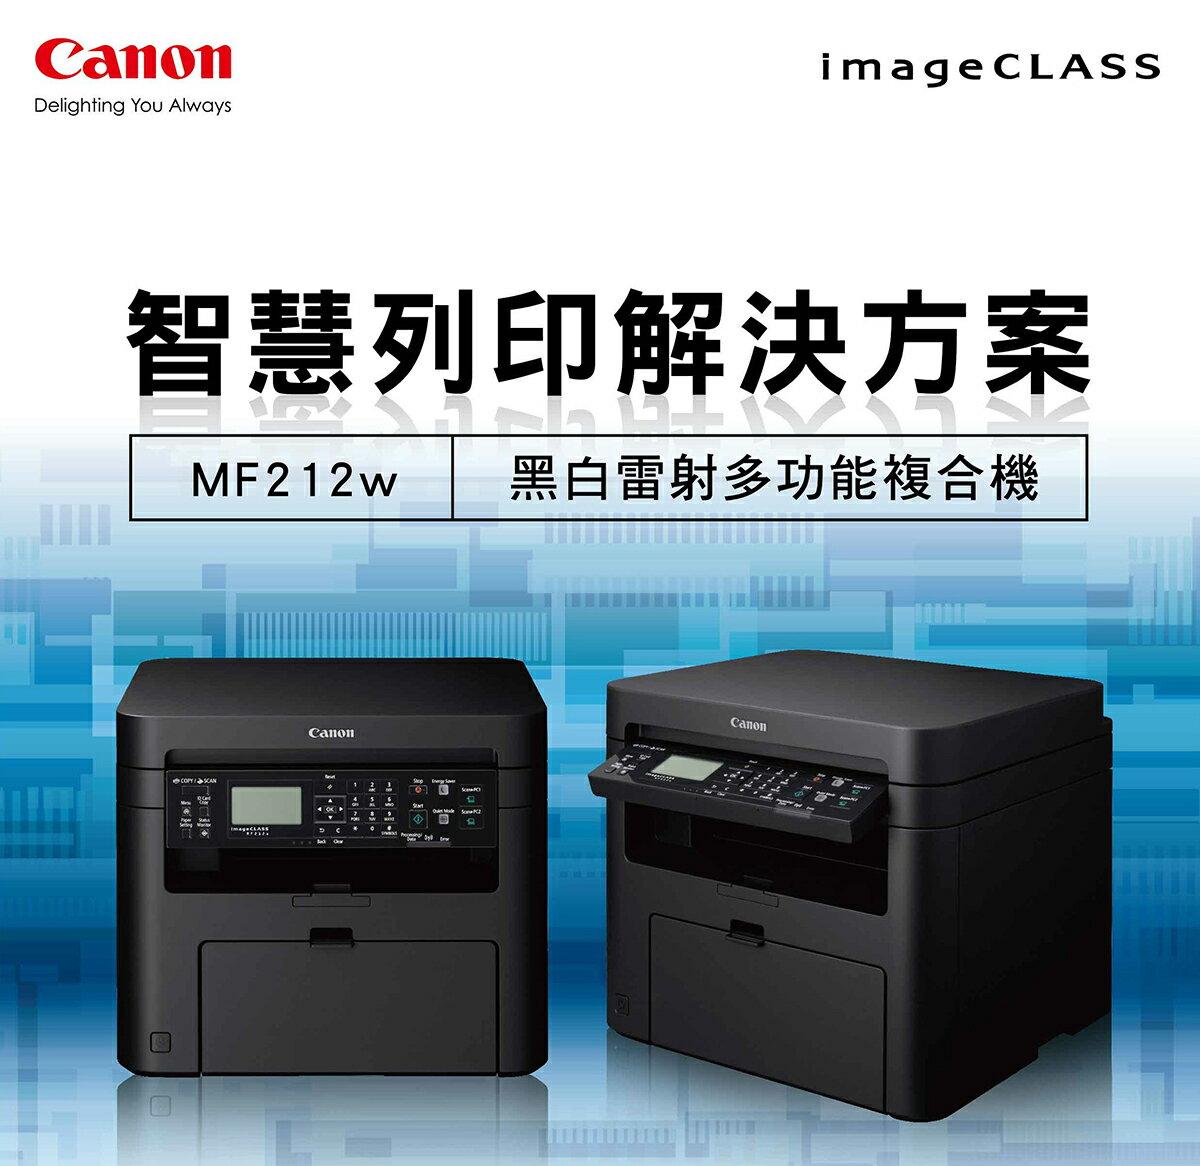 佳能 Canon imageCLASS MF212w 黑白雷射多功能複合機 影印 列印 掃描